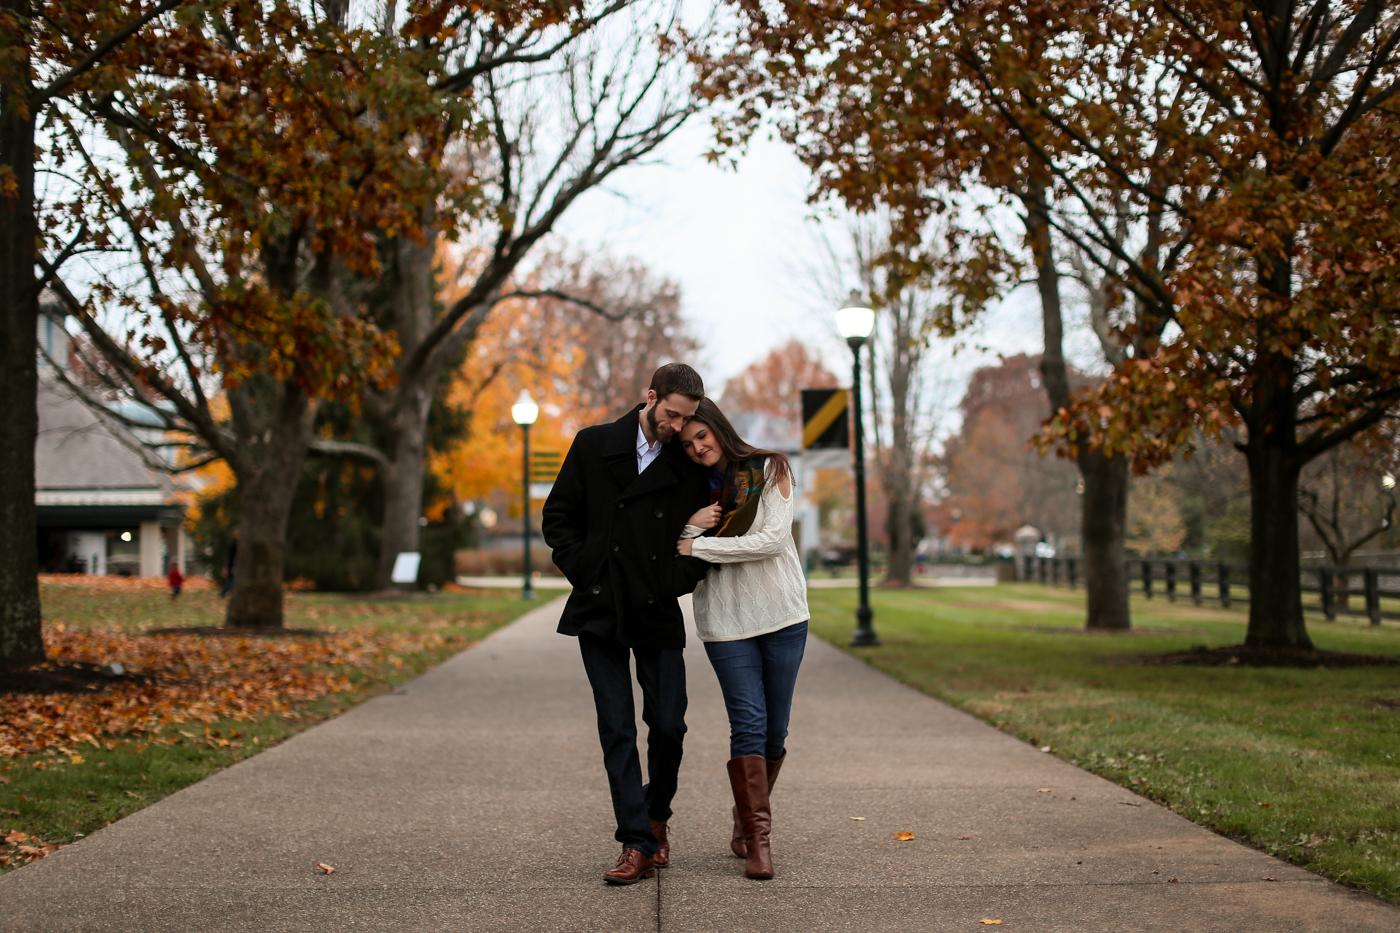 Fall-engagement-wedding-photographer-Kentucky-Bourbon-20.jpg